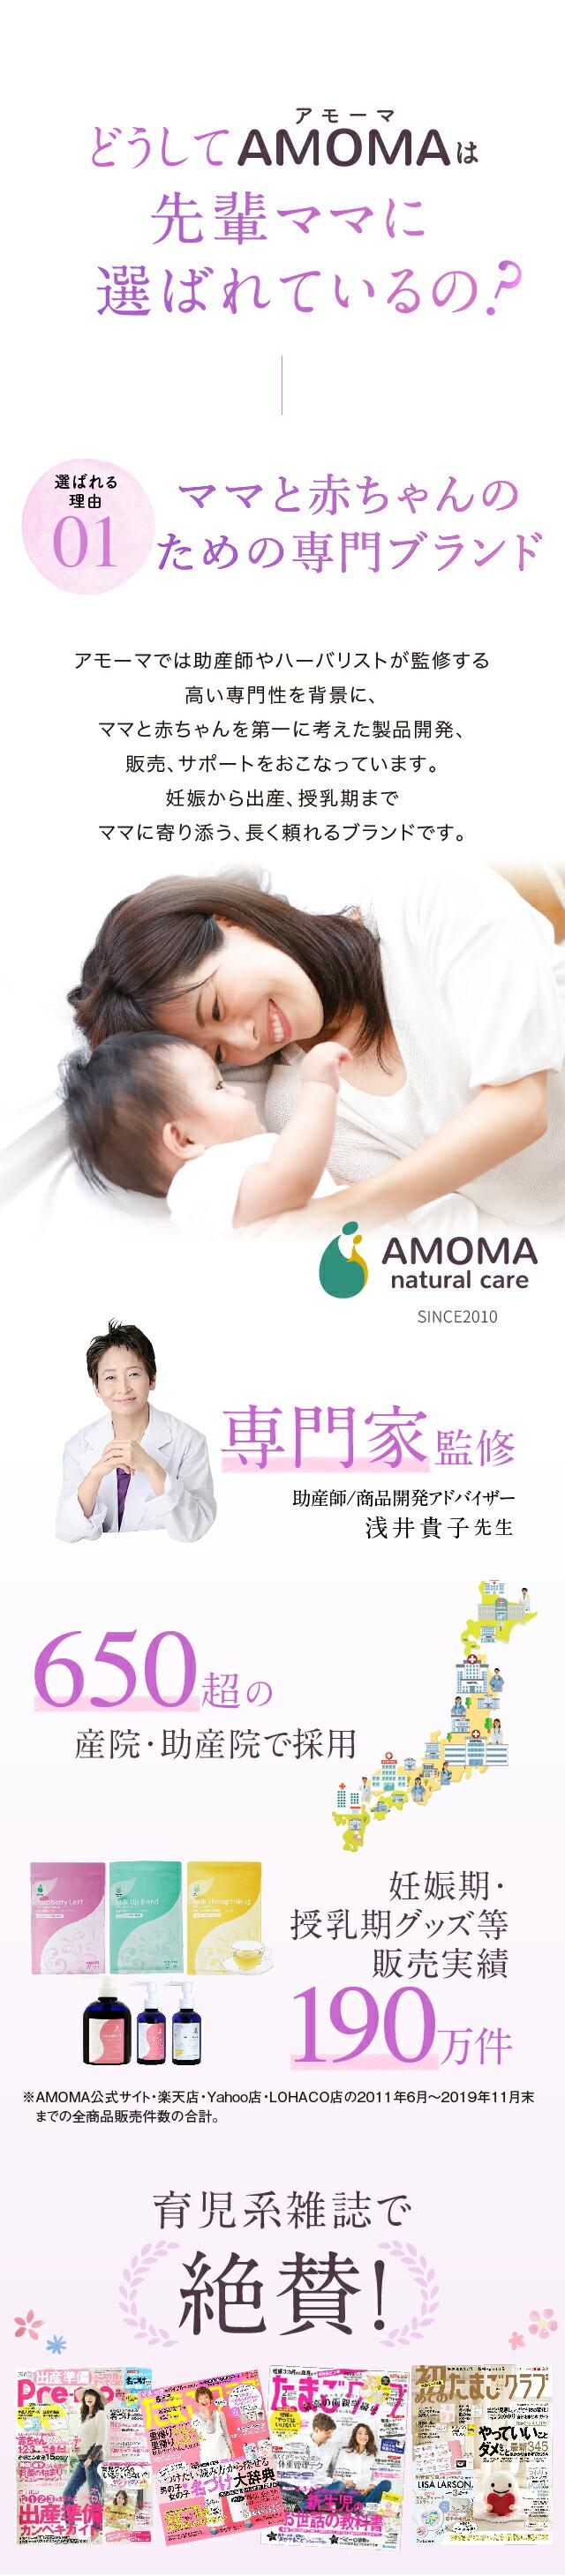 ママと赤ちゃんのための専門ブランド